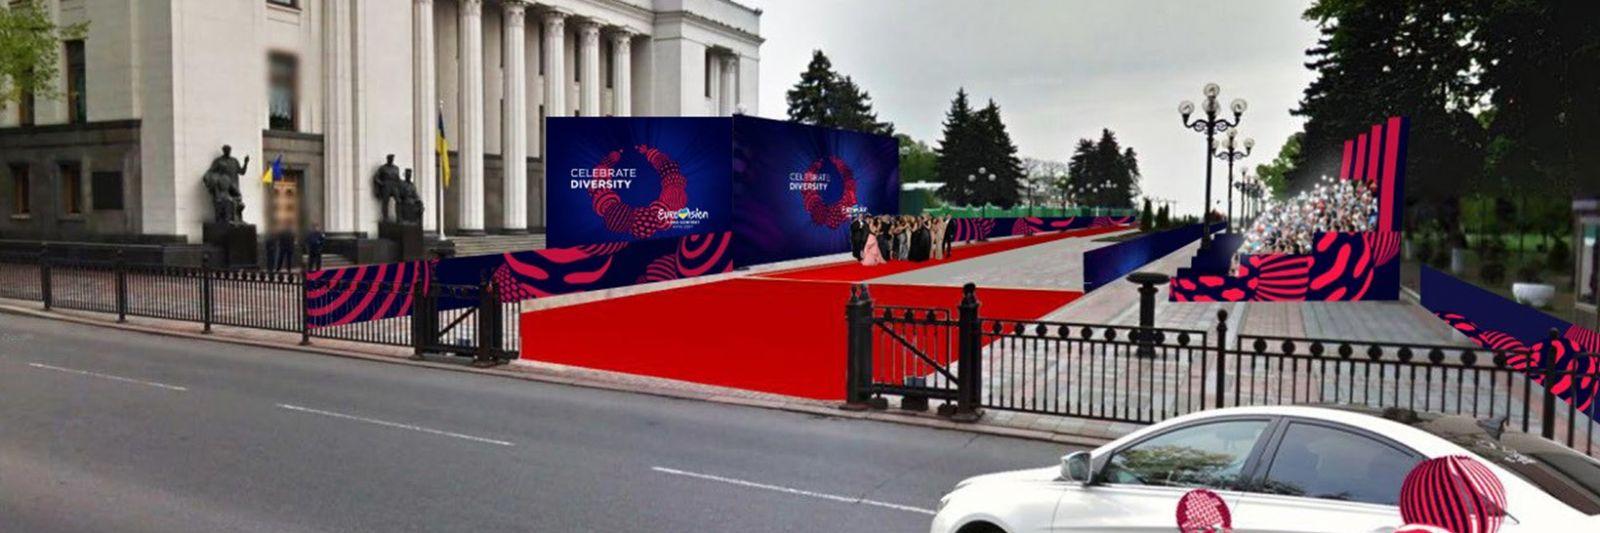 Евровидение-2017: Стало известно, что будет происходить на самой длинной красной дорожке в истории конкурса в Украине